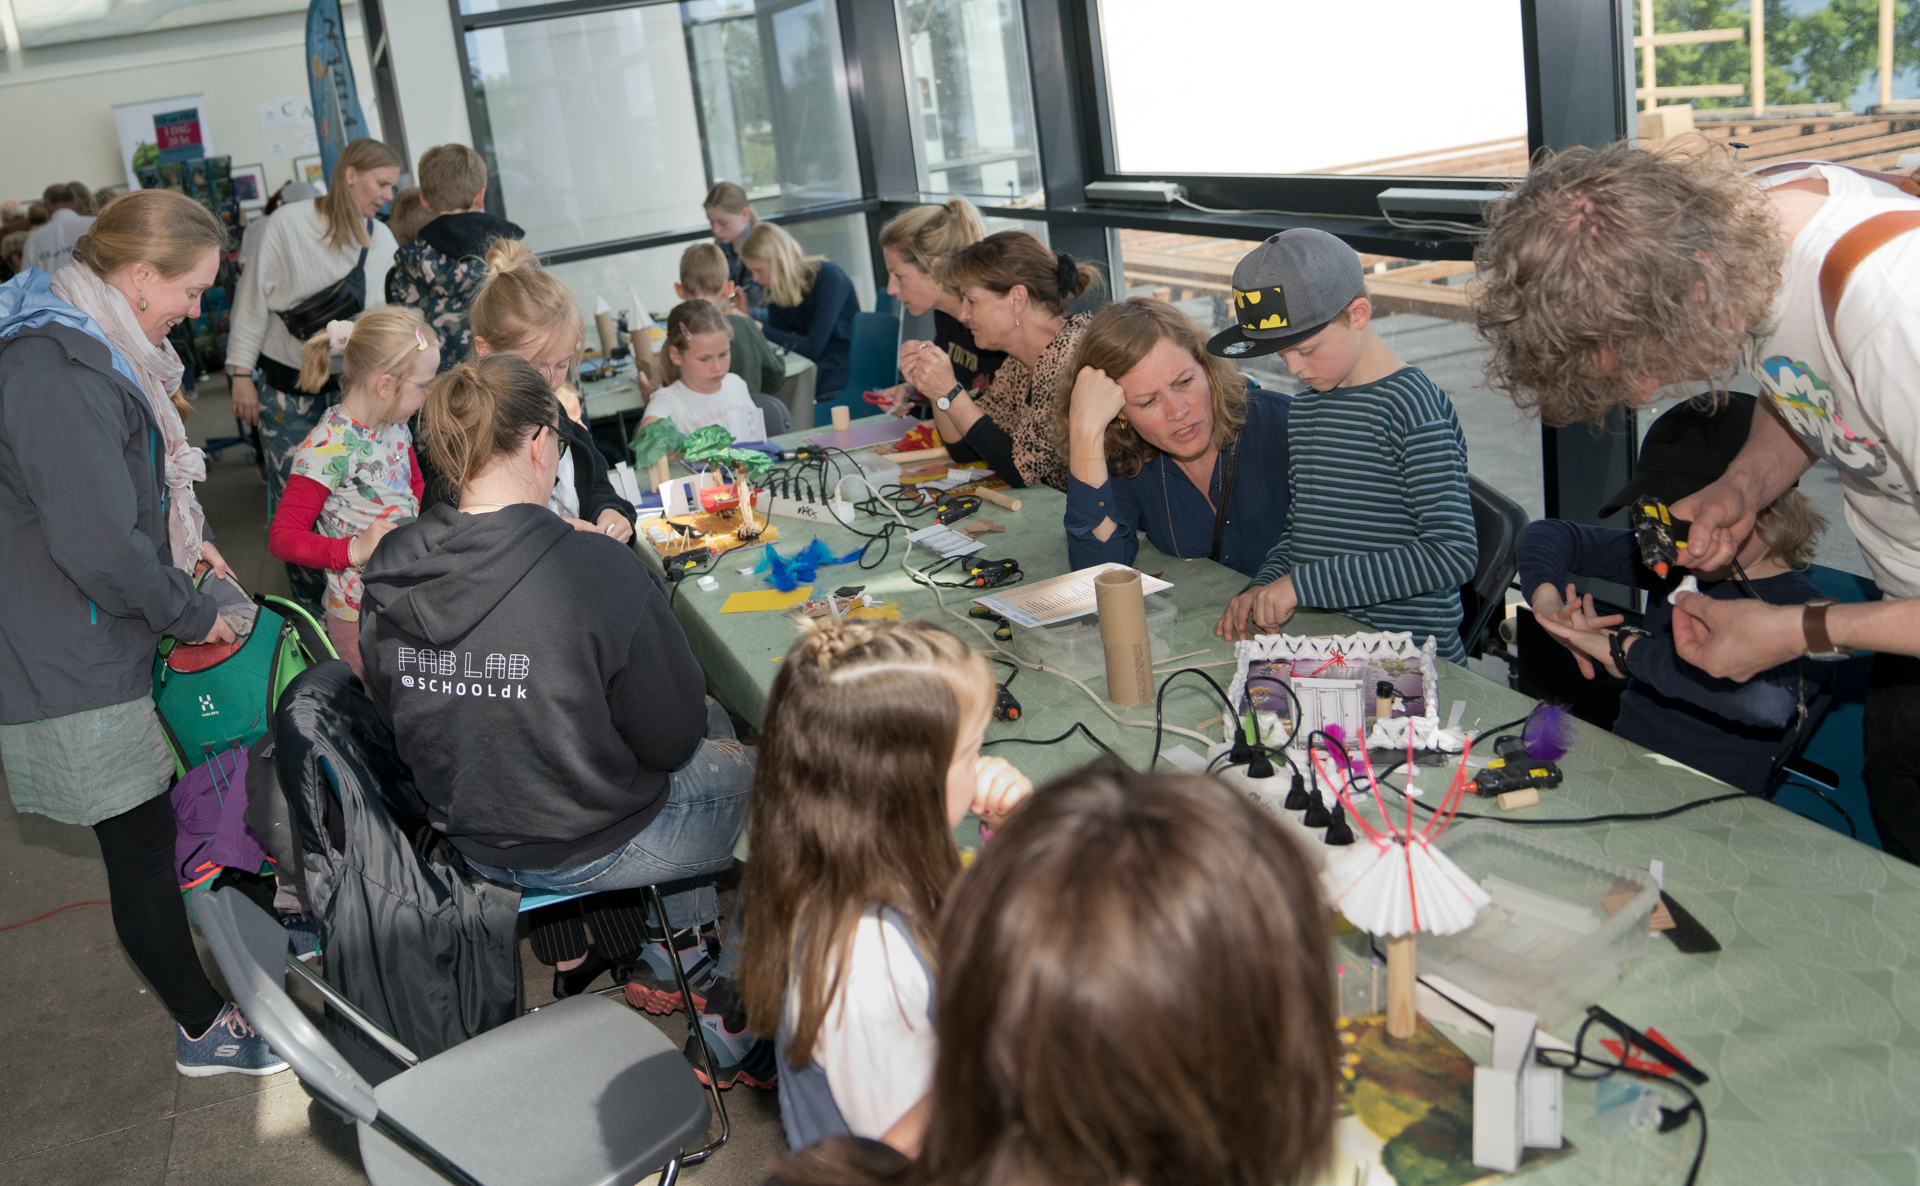 Sløngeldage lørdag - web - Fotograf Per Bille-20190525-00036.jpg